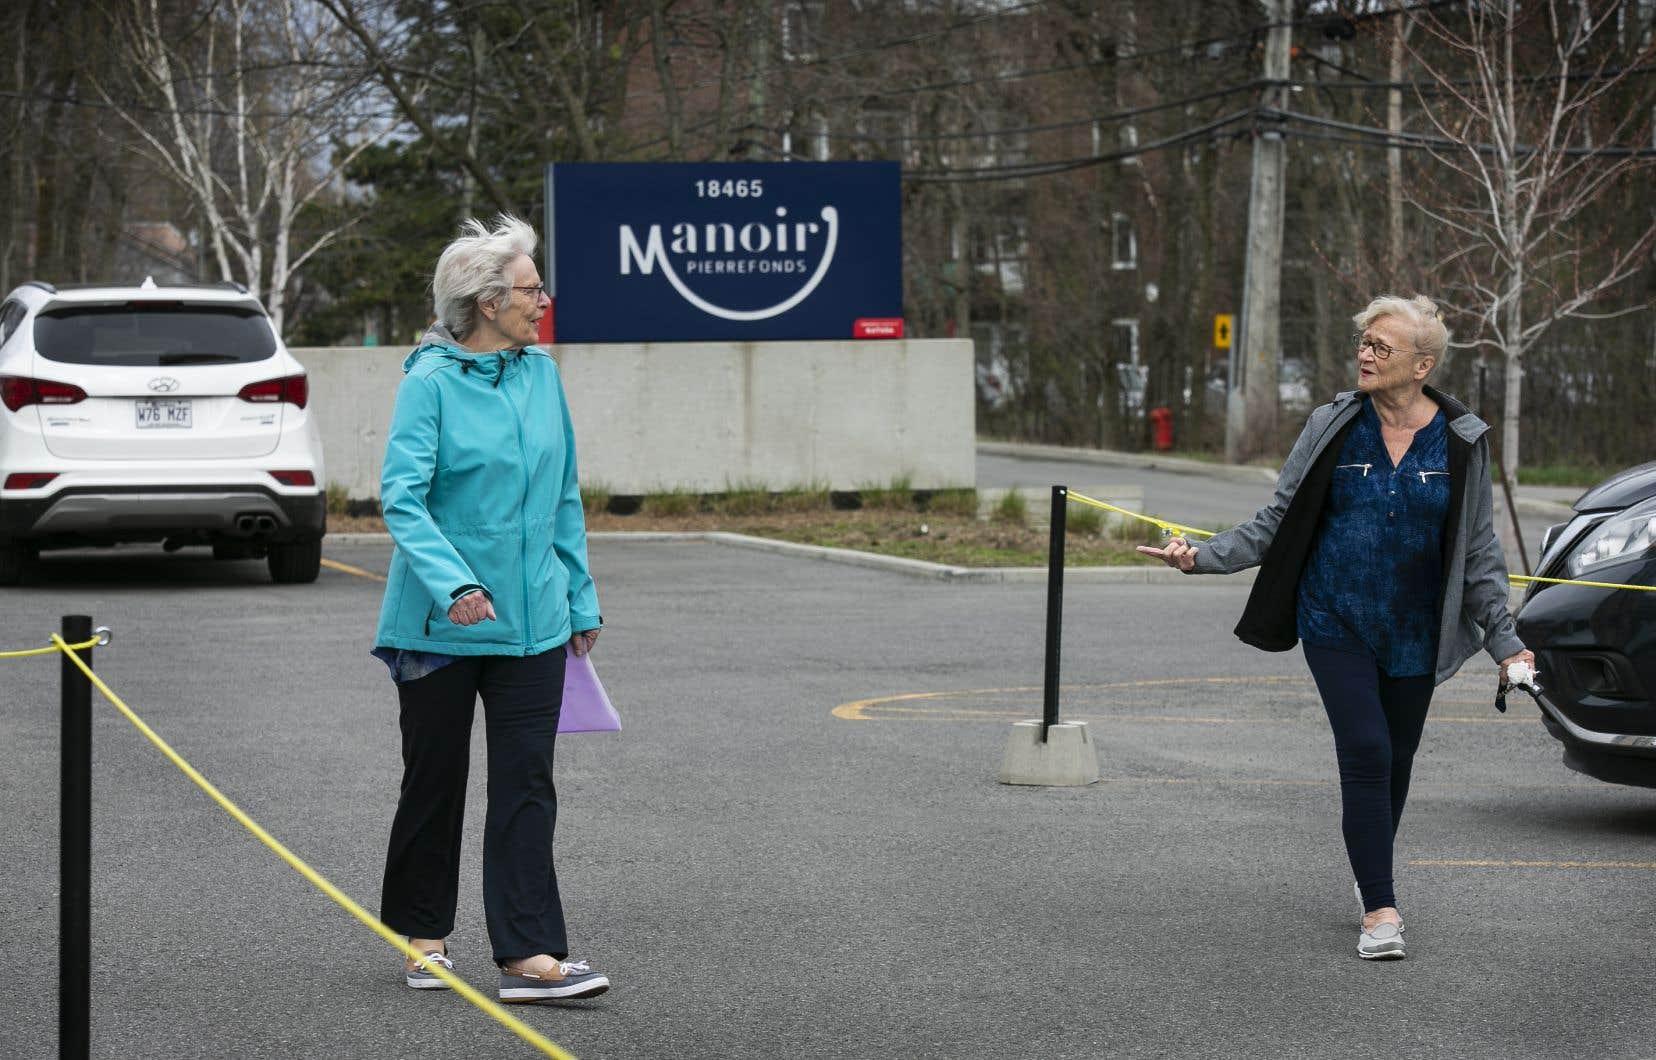 Jodie Johnson, à gauche et Lorna Roberts, à droite, font partie des quelques résidents du Manoir Pierrefonds qui peuvent suivre un parcours lors de leur petite marche à l'extérieur, dans le stationnement. Il n'y a pas de cas de COVID-19 dans cette résidence.